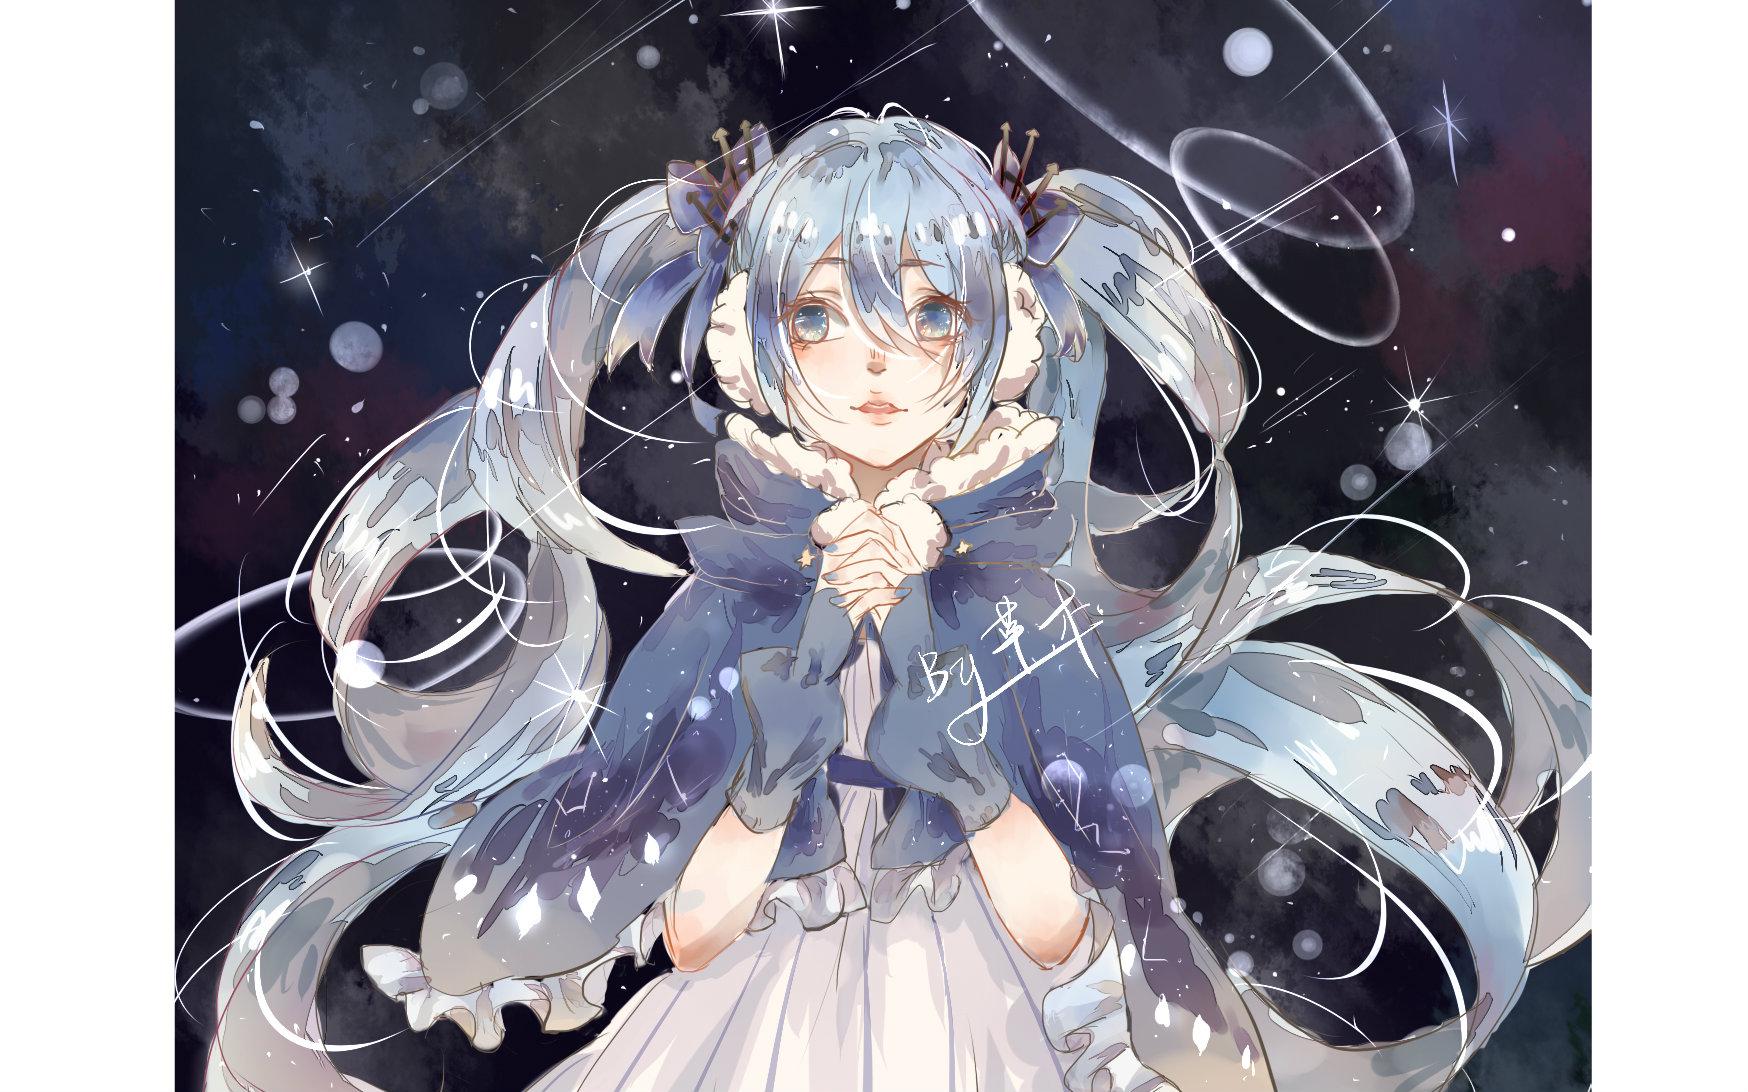 【绘图过程】画了一只冬夜miku